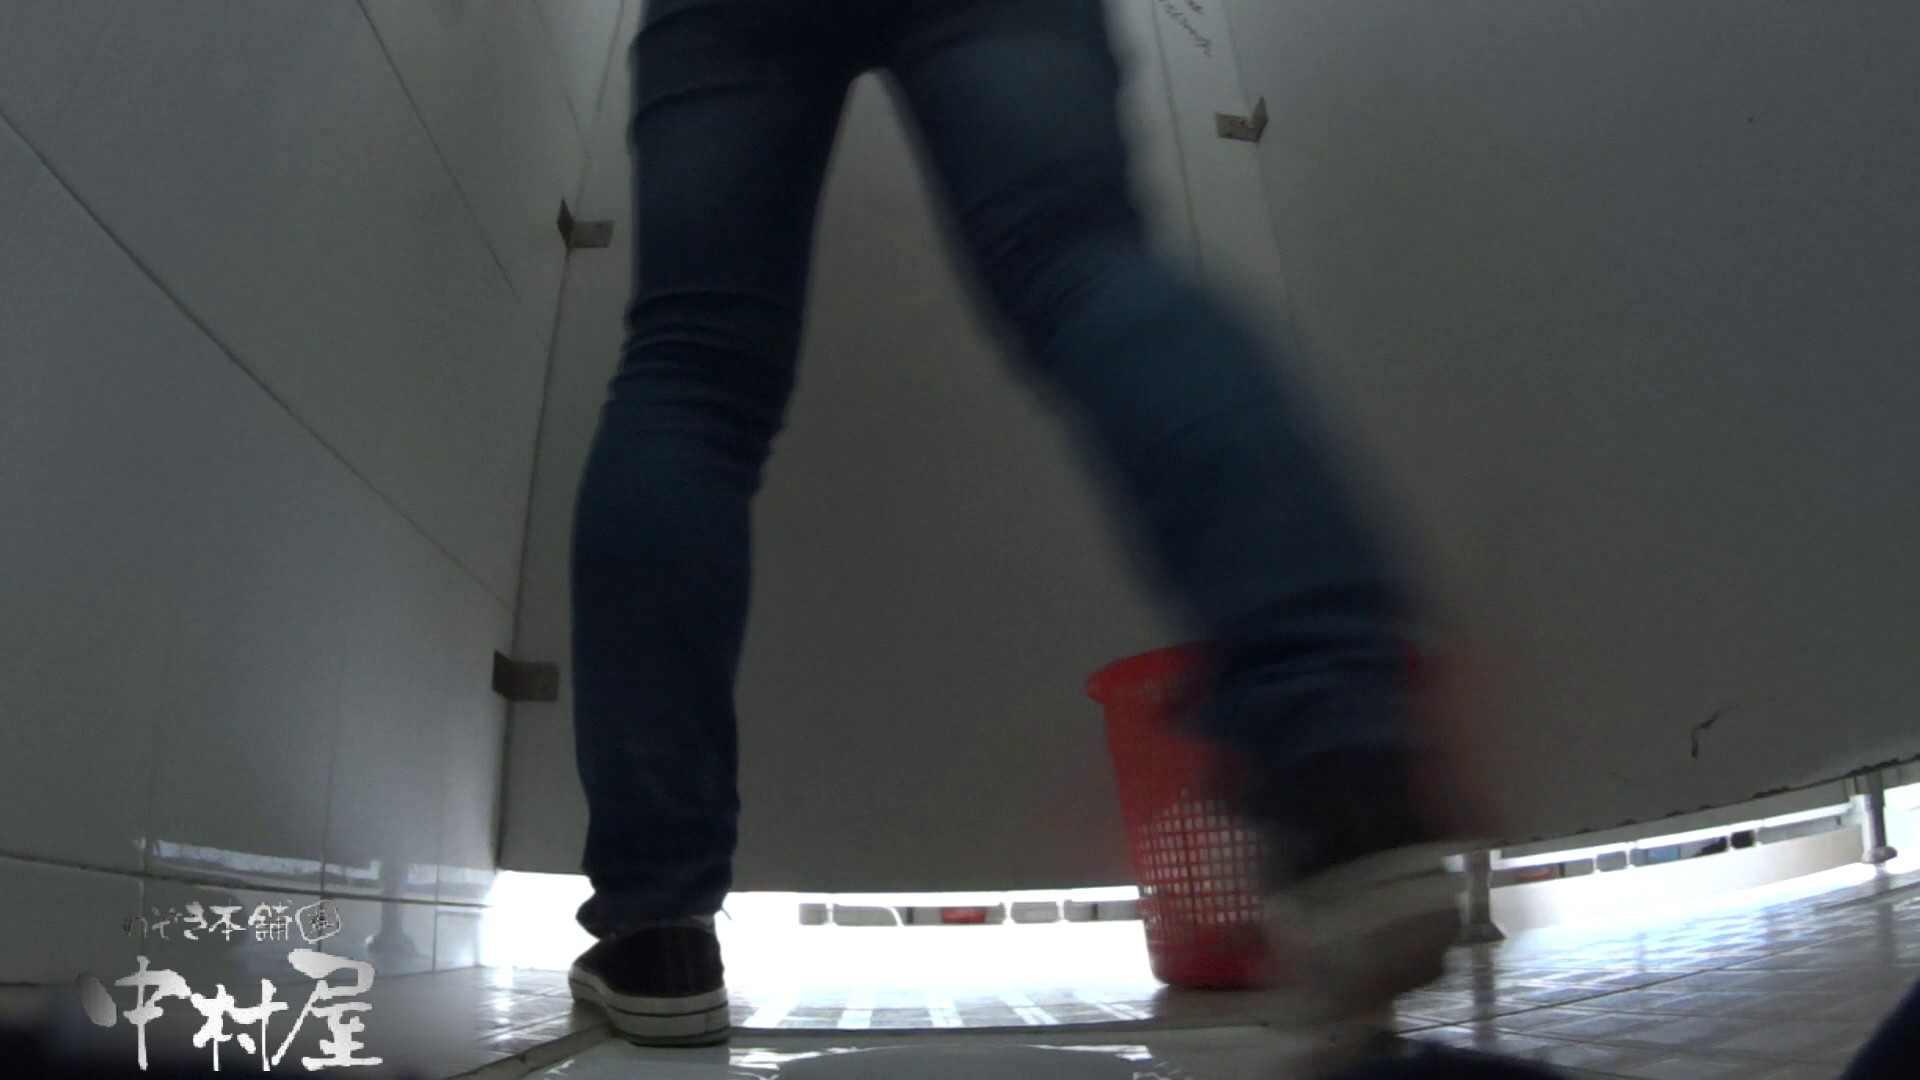 アジアンビューティー達の聖水 大学休憩時間の洗面所事情24 お姉さんのエロ動画 AV無料 76PIX 71